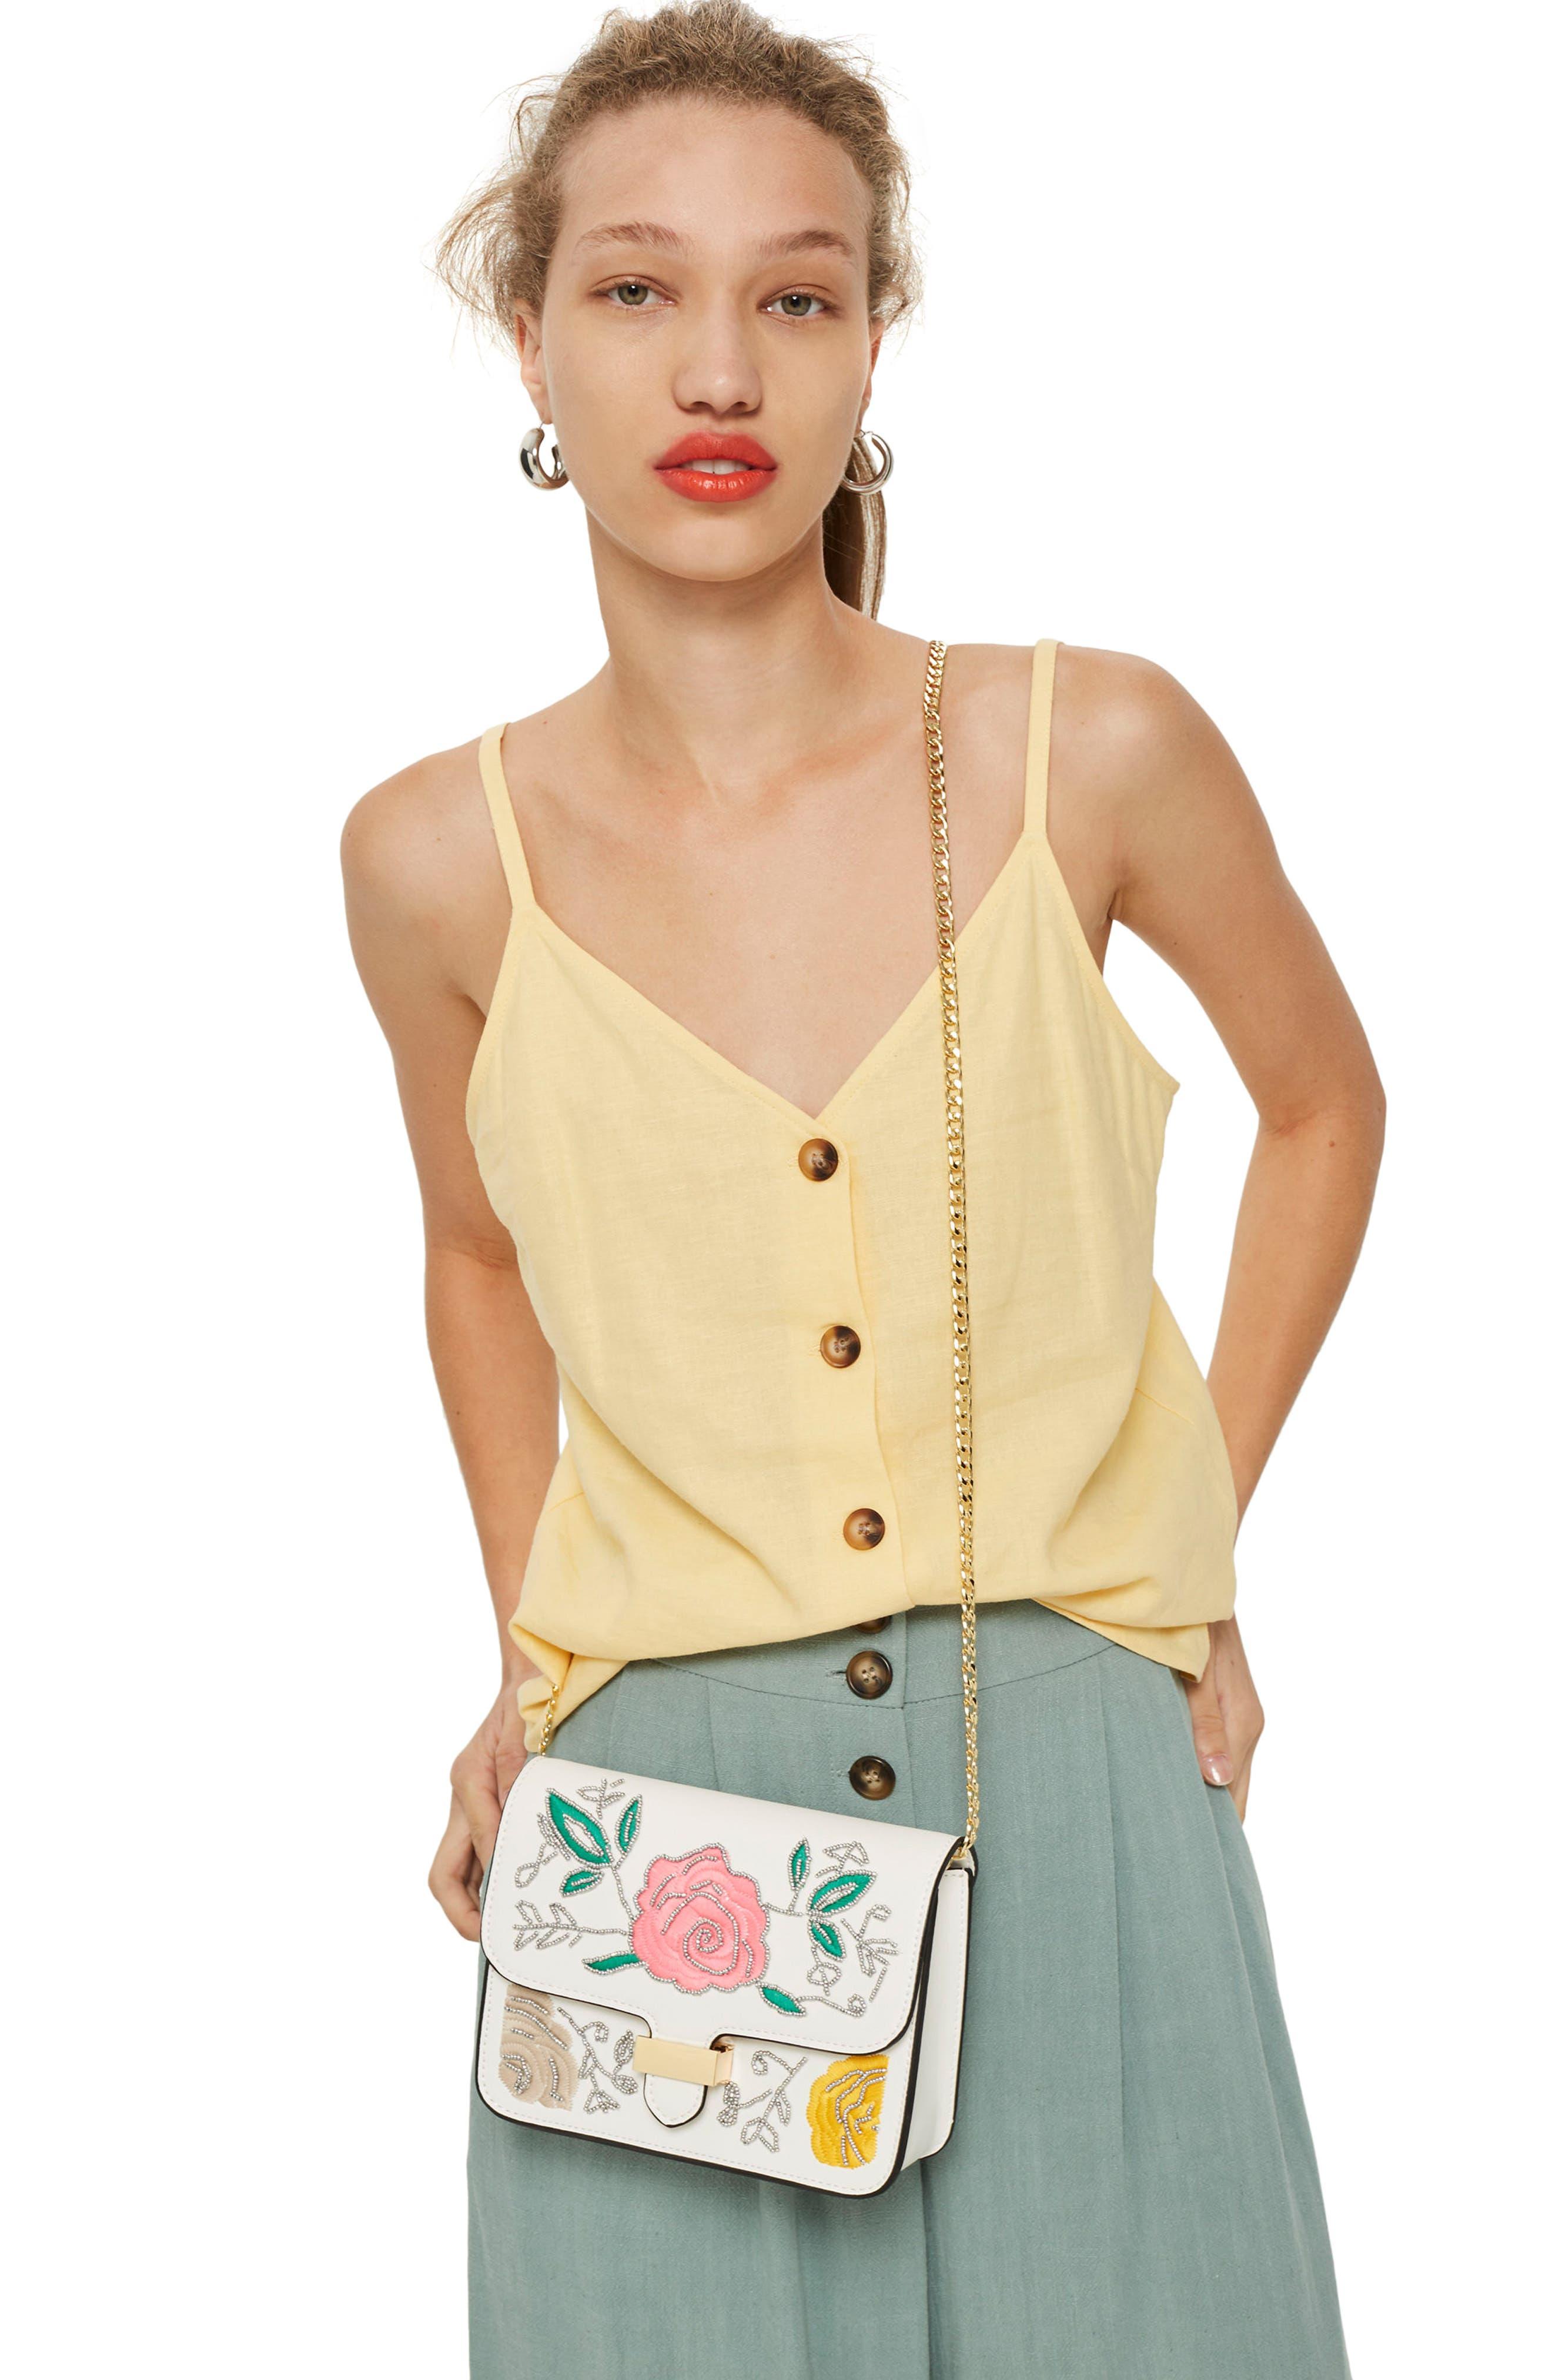 Lily Flower Bead Crossbody Bag,                             Alternate thumbnail 2, color,                             White Multi